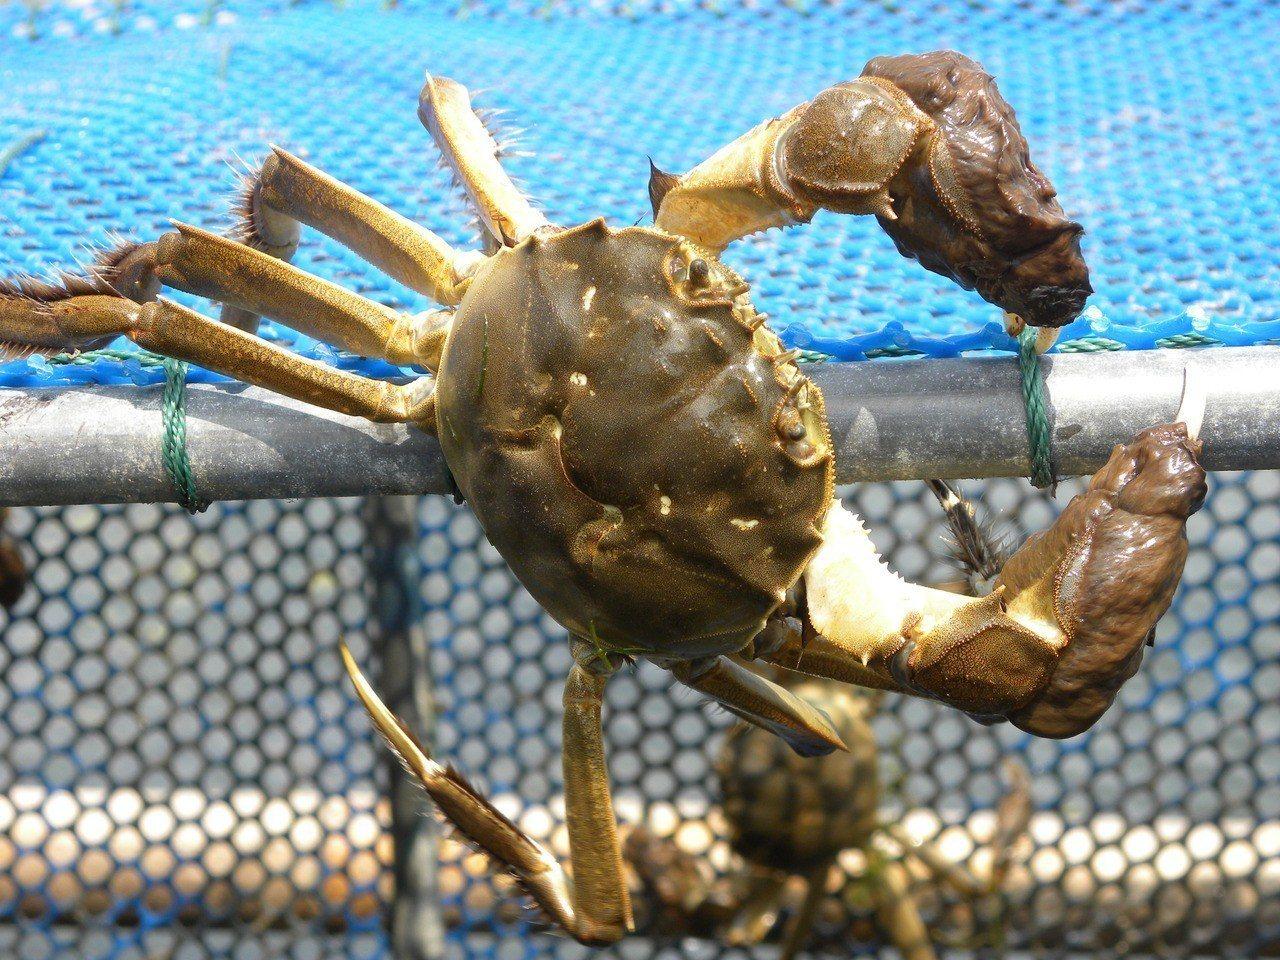 有業者尚未接受食藥署檢驗,就直接販售,讓含有戴奧辛的大閘蟹流入市面。圖/本報資料...